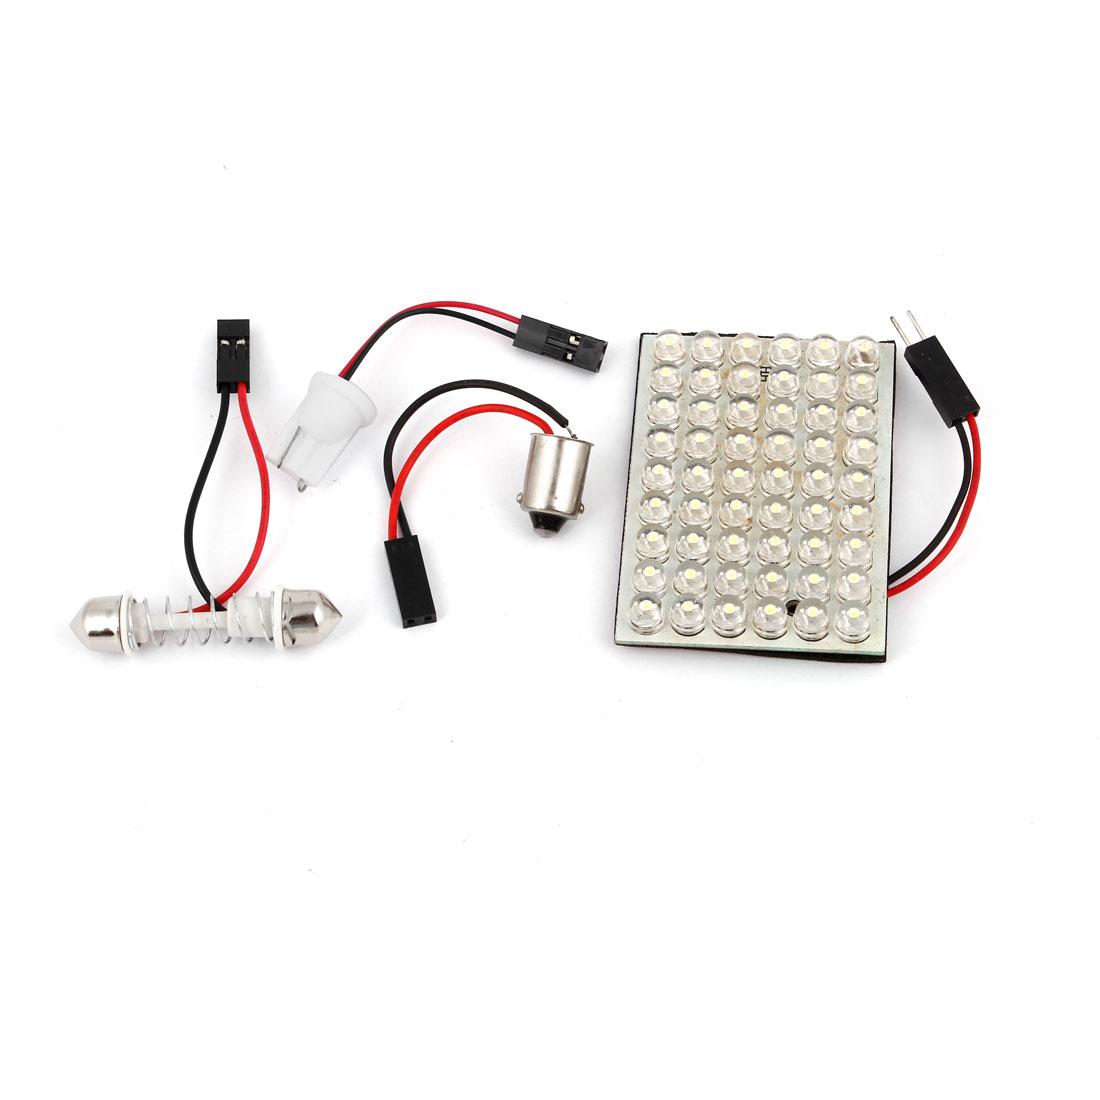 12V White 54 LED Car Internal Dome Light Bulb Festoon Base T10 BA9S Adapter